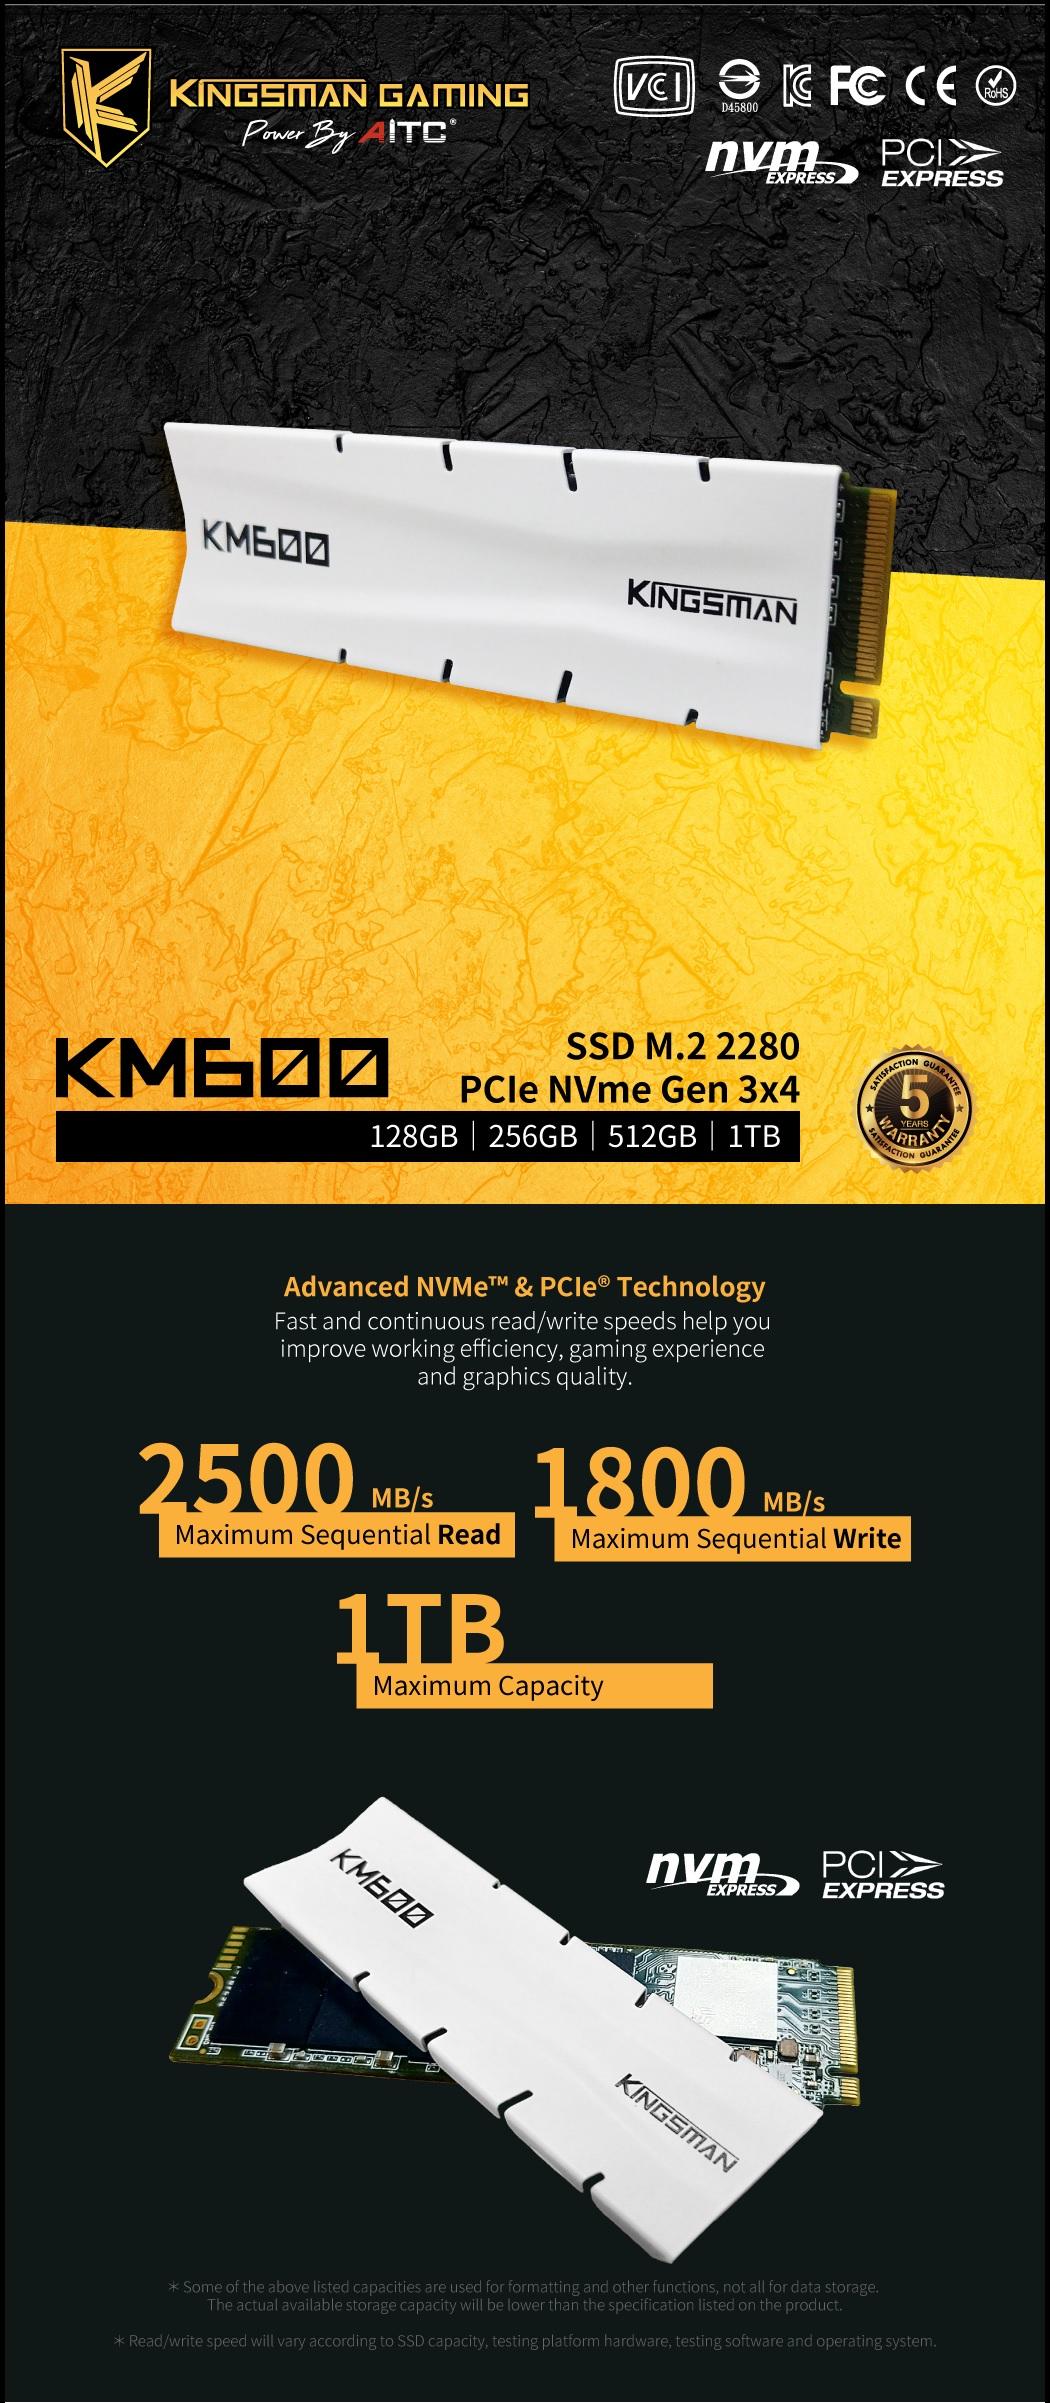 AITC Kingsman M.2 PCIe Gen3 NVMe SSD-01